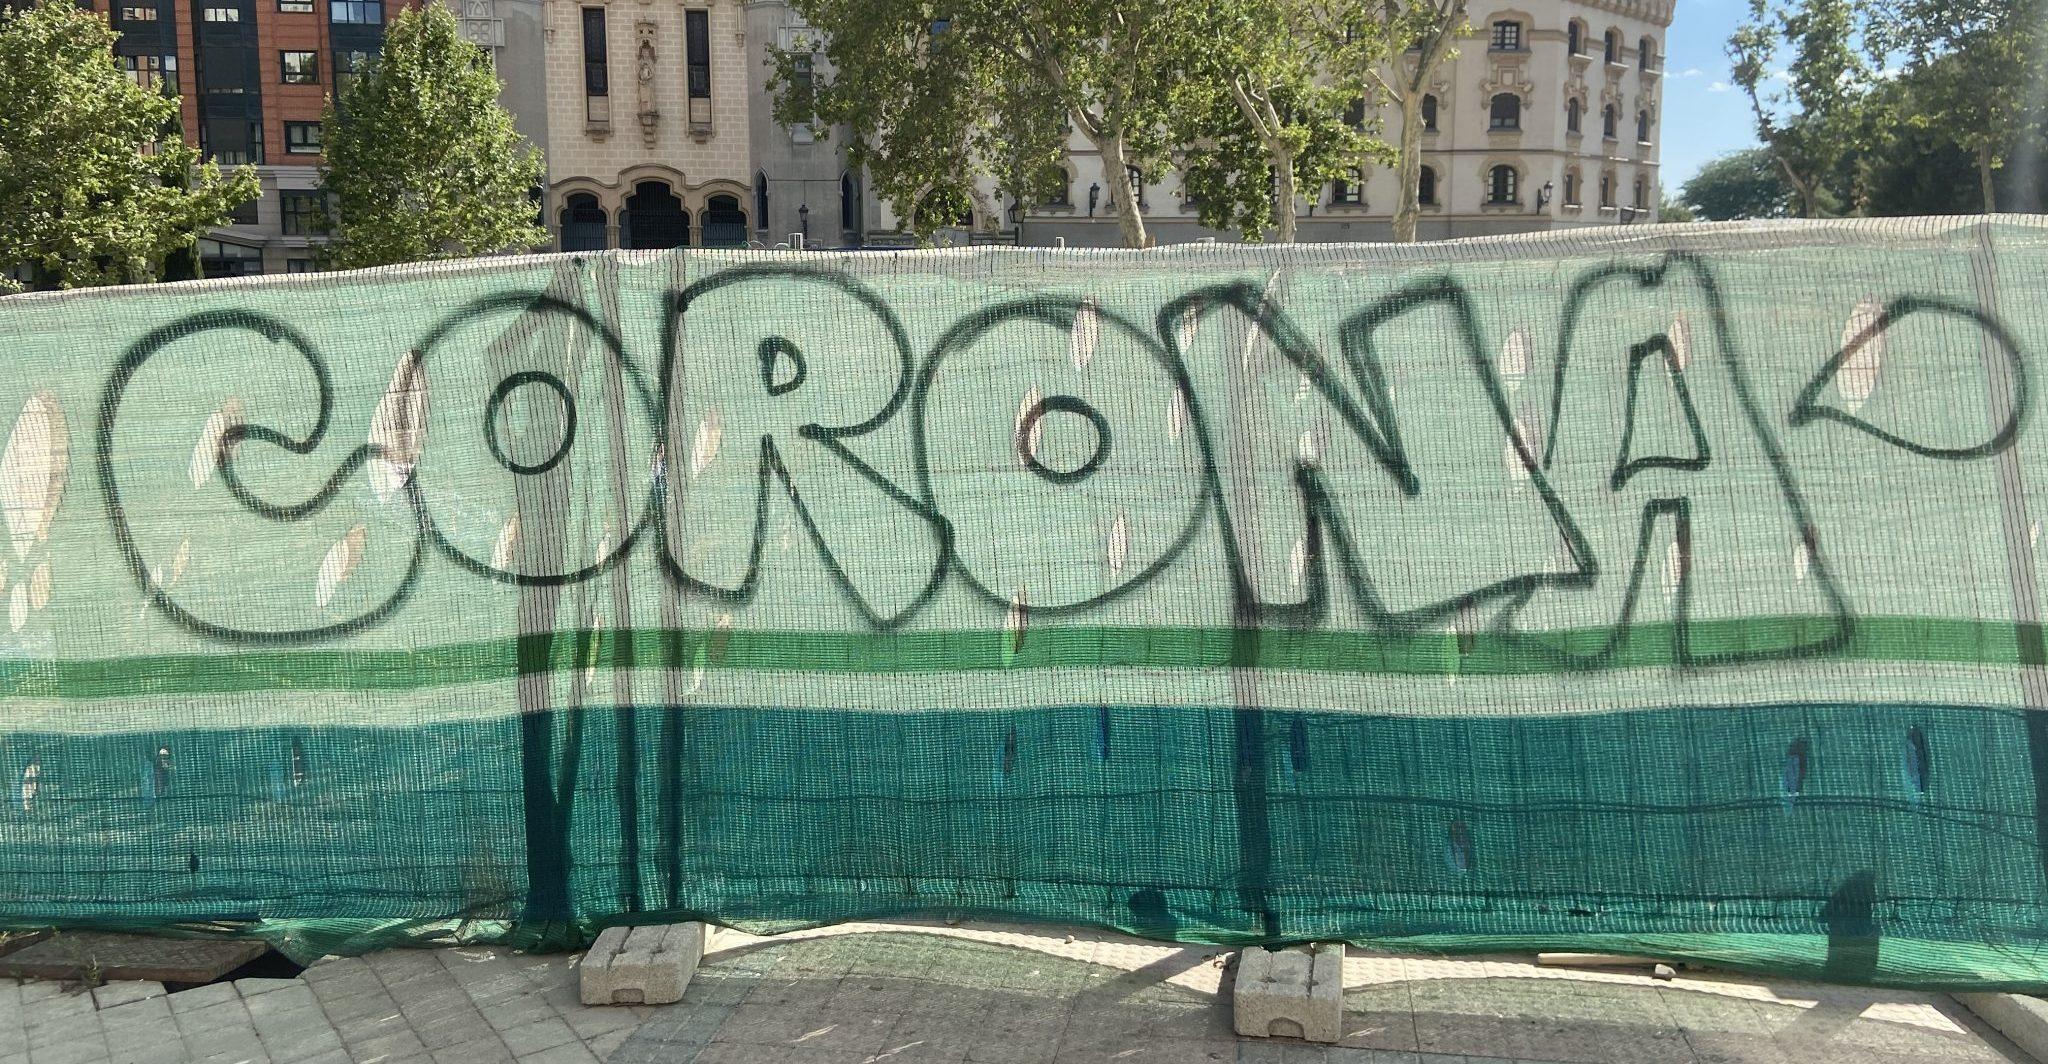 «CORONA», escrito así, en mayúsculas, en una lona de obra de Madrid.